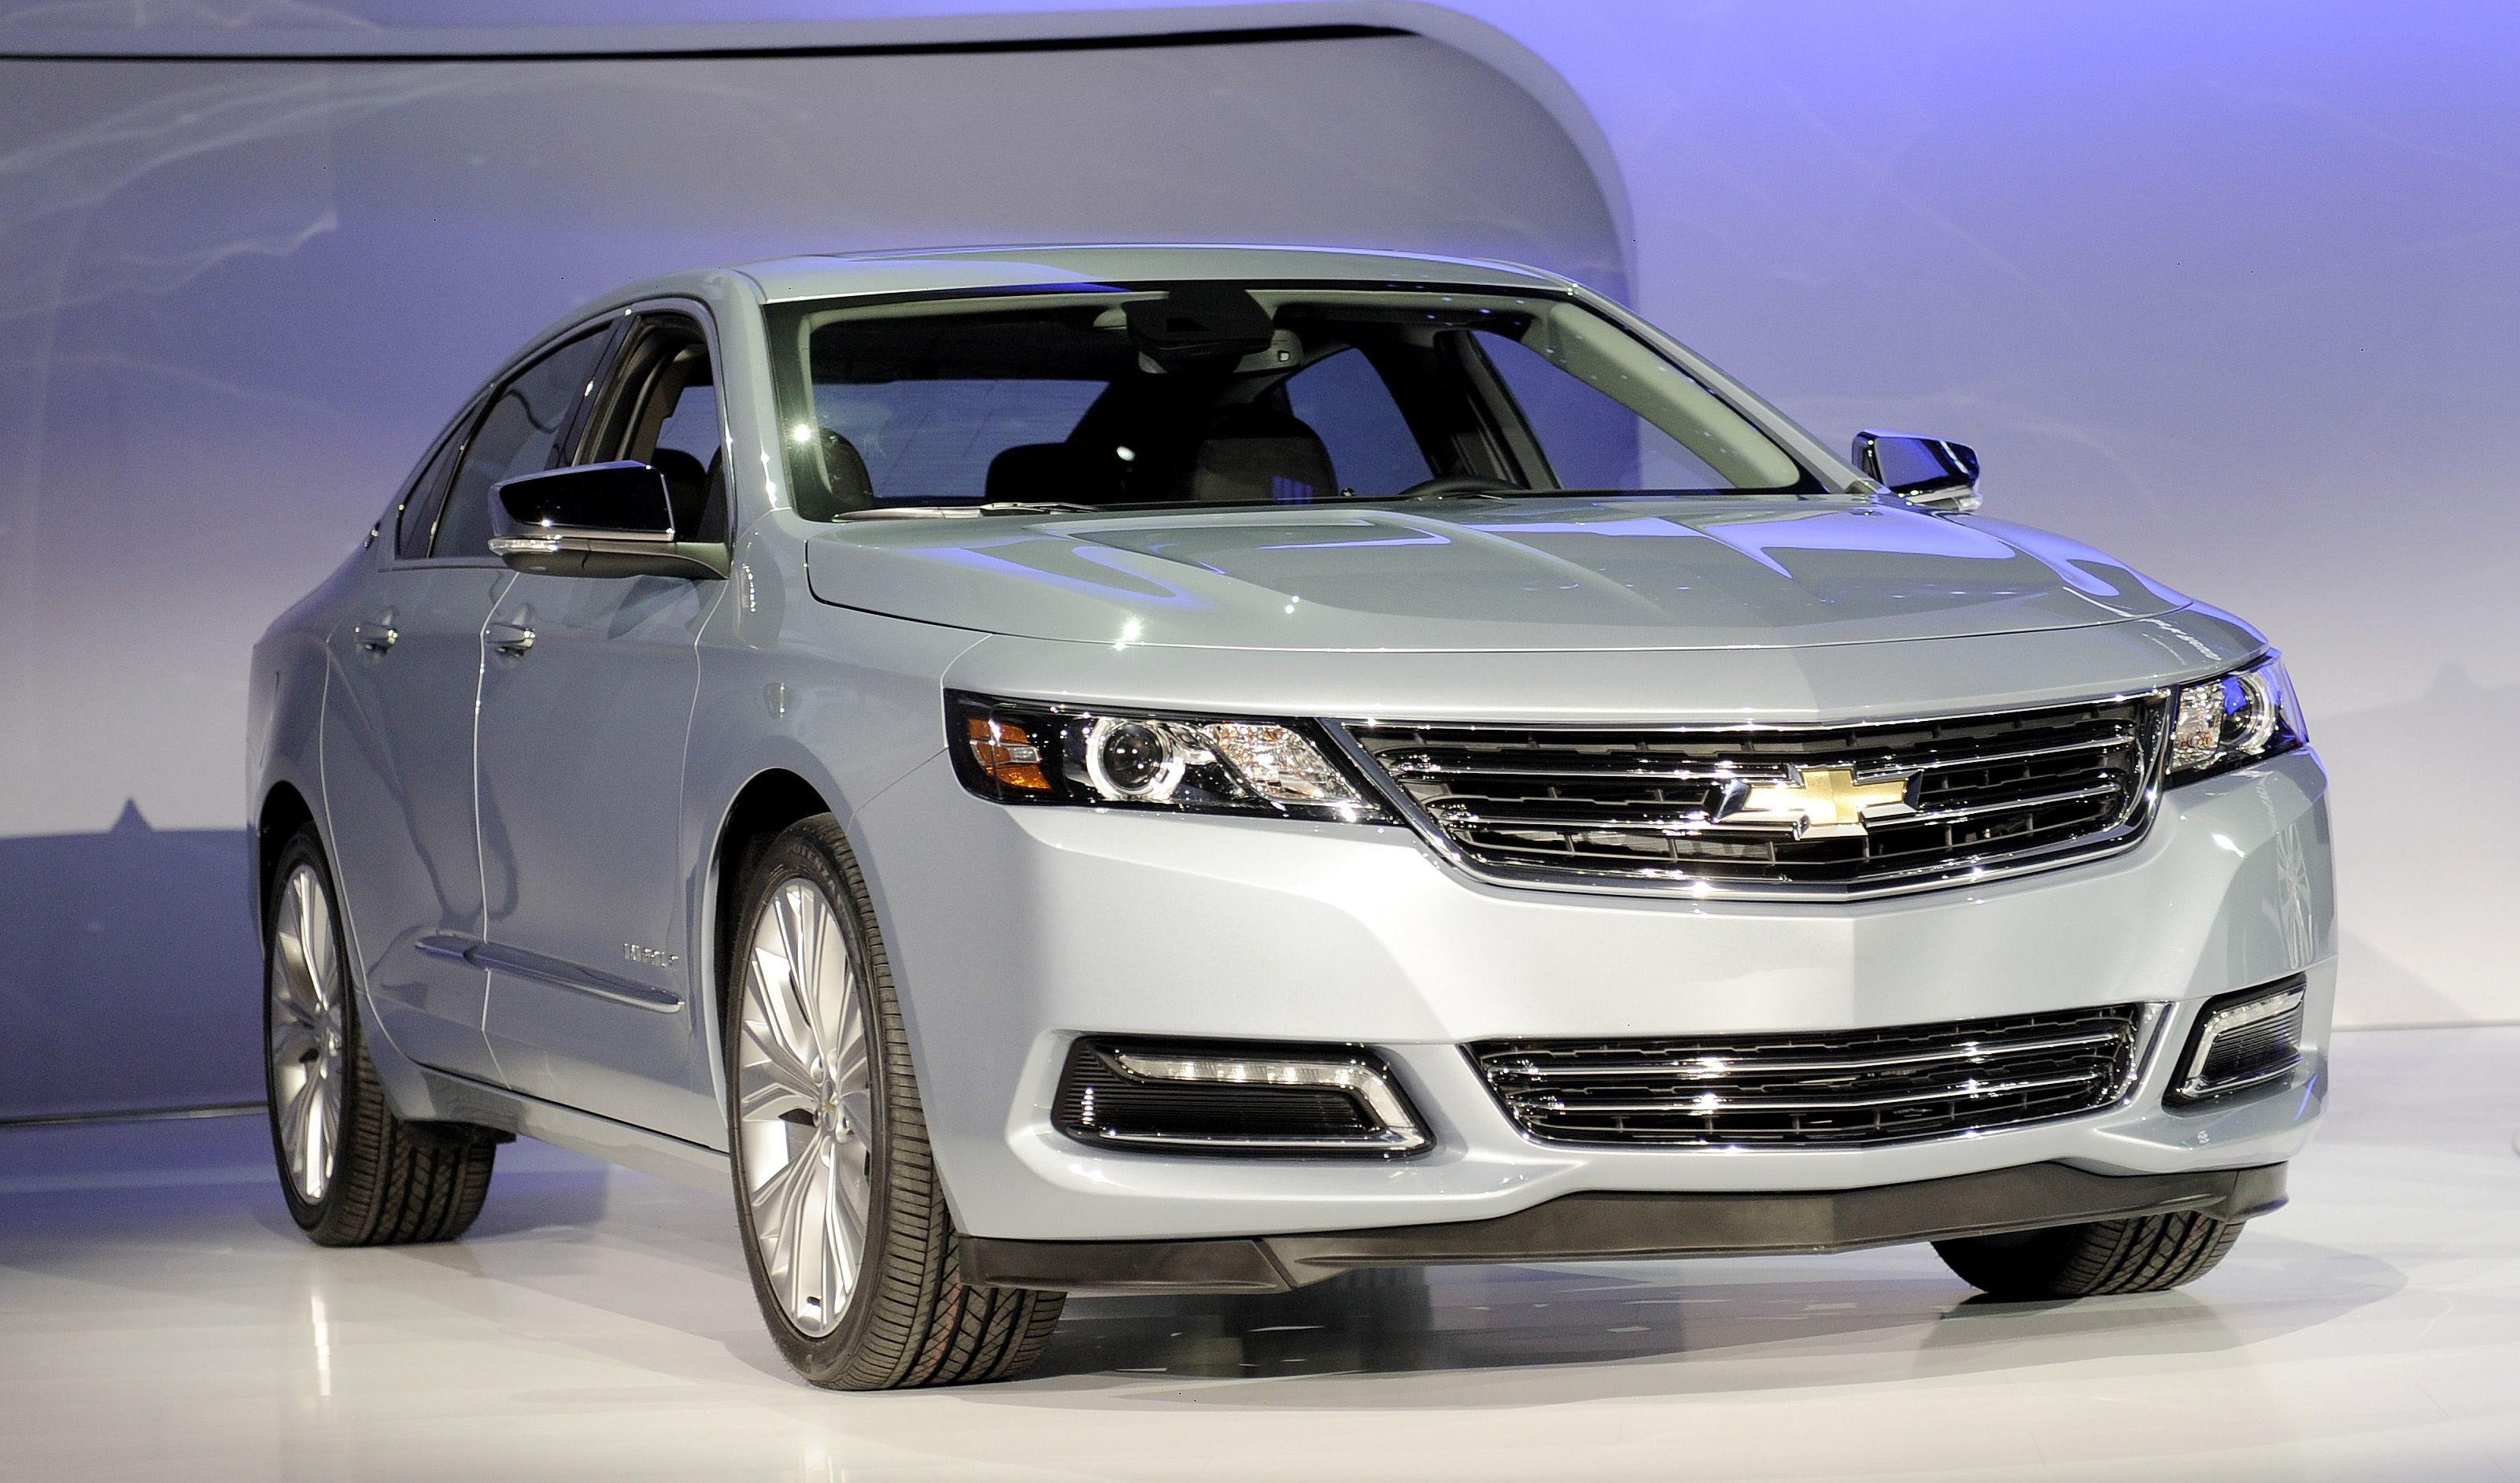 Usa New York Auto Show - Apr 2012